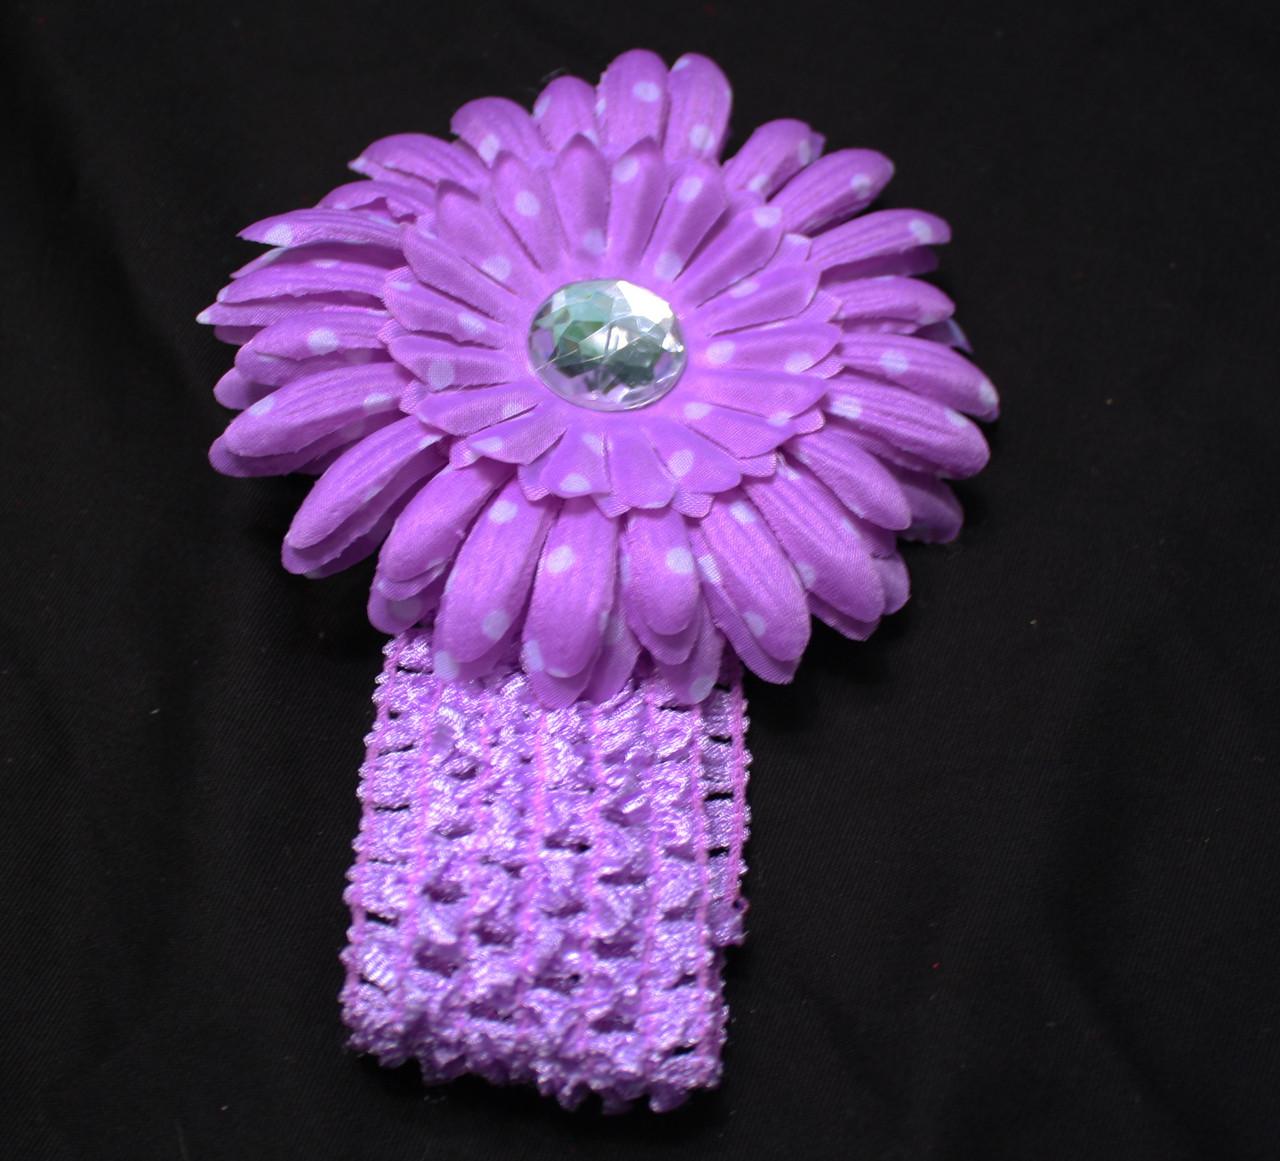 Lavender polka dot Gerbera daisy flower crochet headband